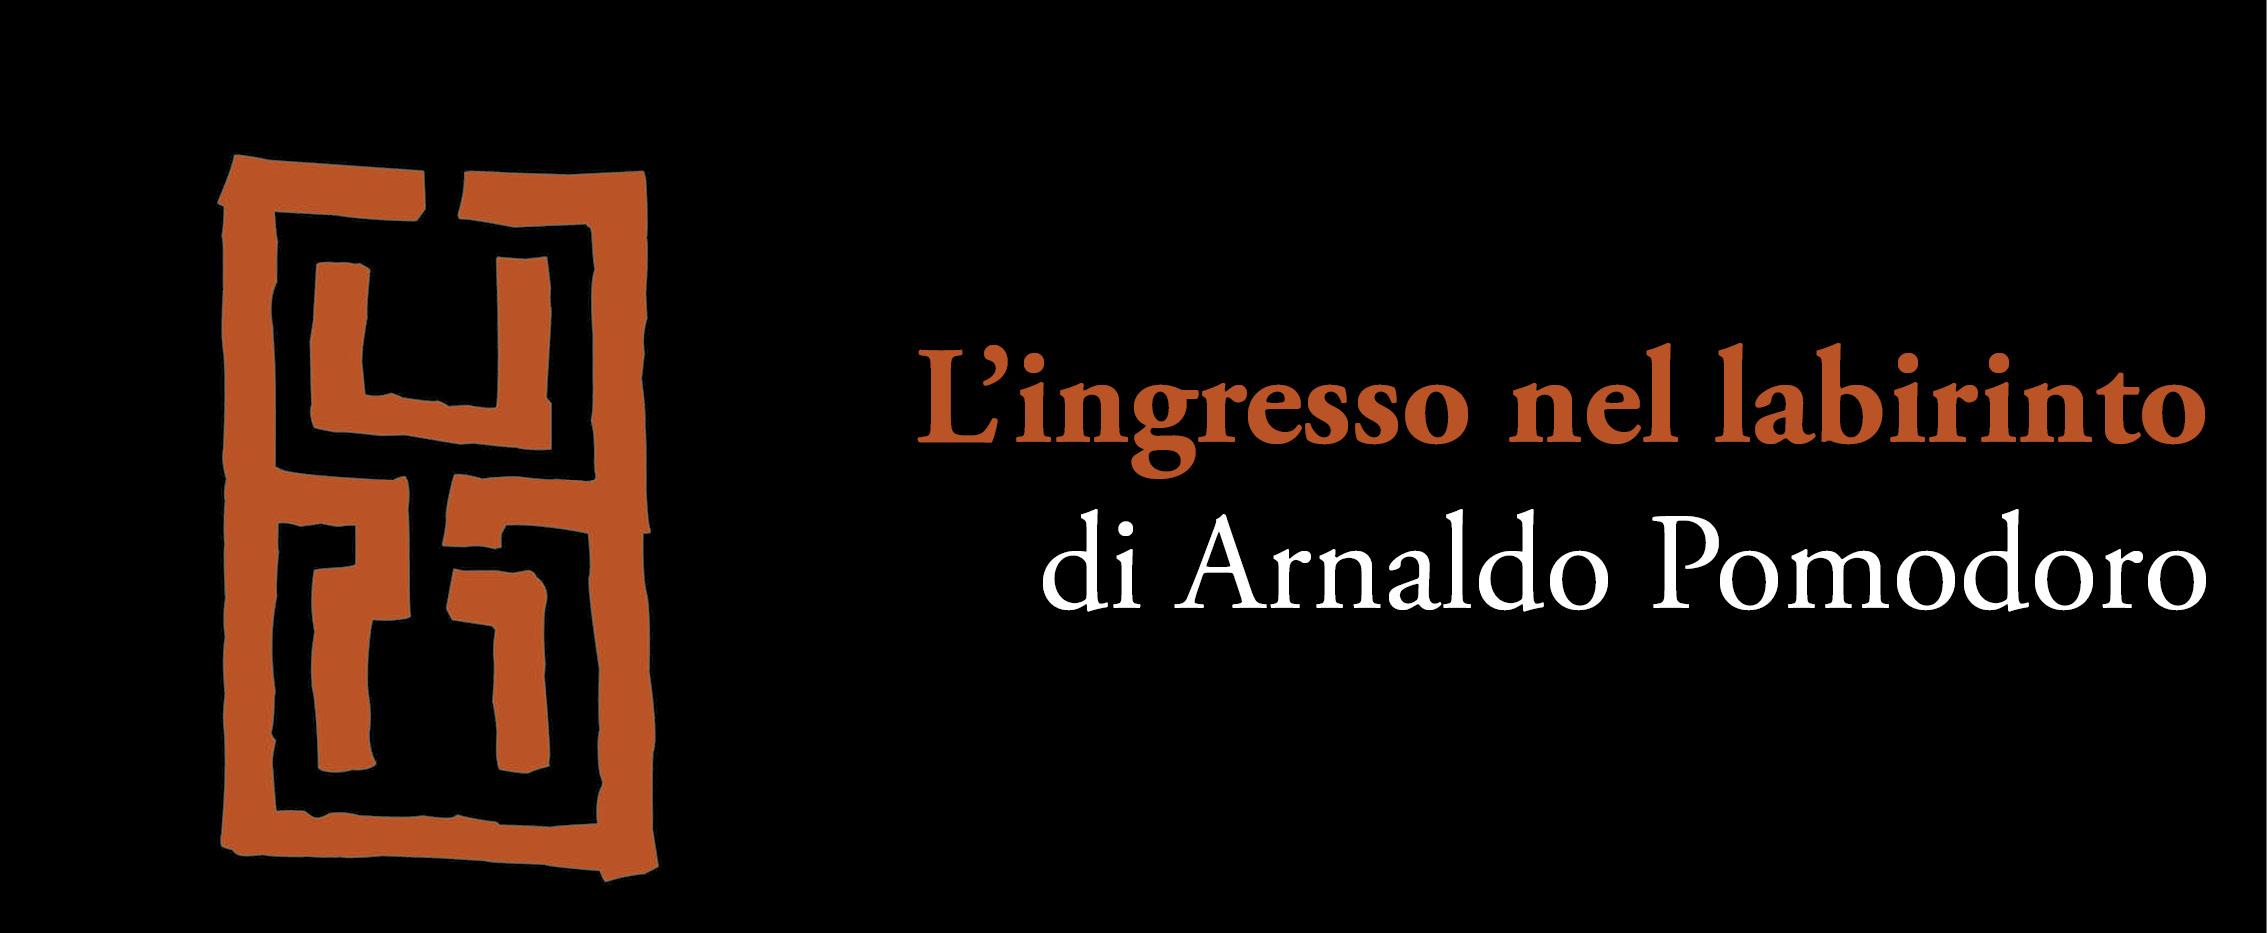 Ingresso nel Labirinto di Arnaldo Pomodoro - art mediaBook